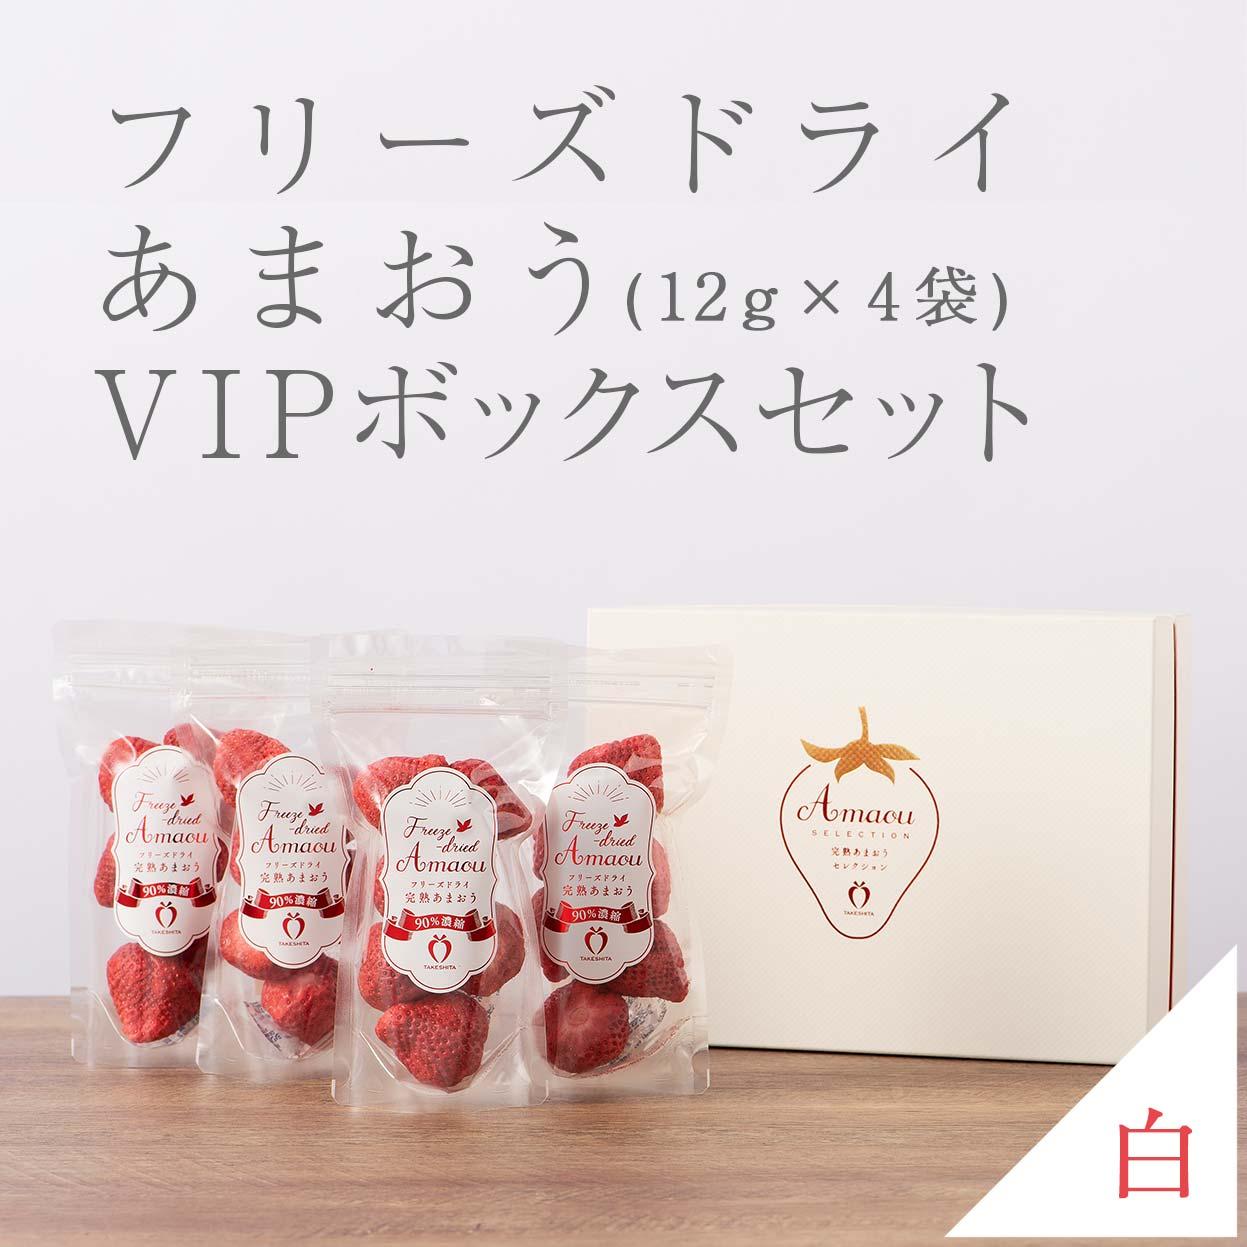 VIPボックス白 フリーズドライあまおうセット12g×4袋